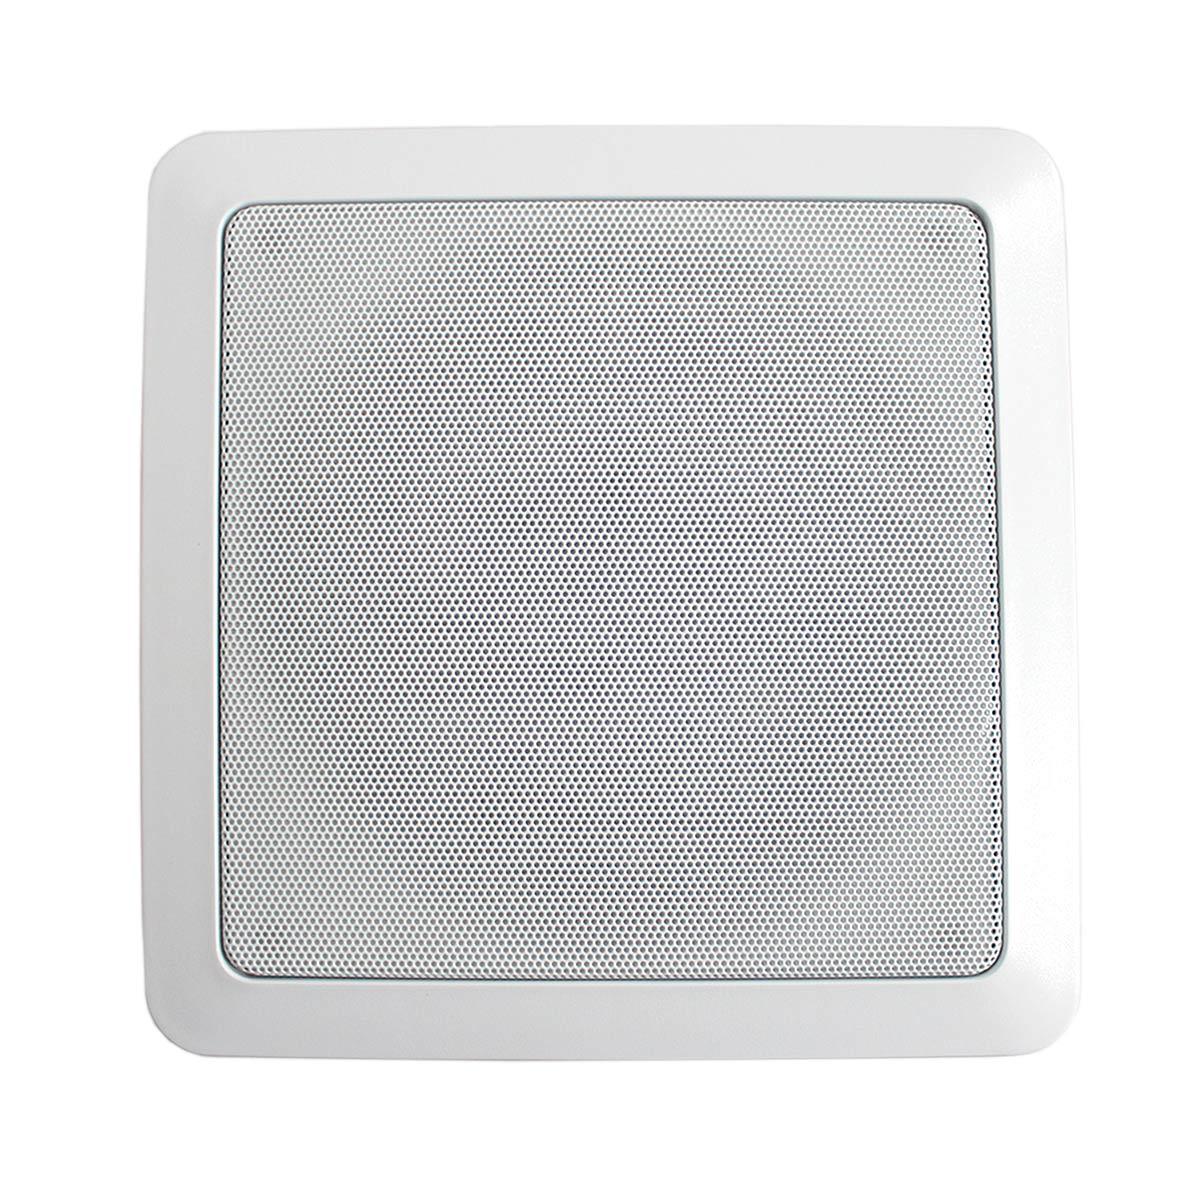 AQ6HT - Arandela Coaxial Quadrada 100W AQ6 HT - Natts